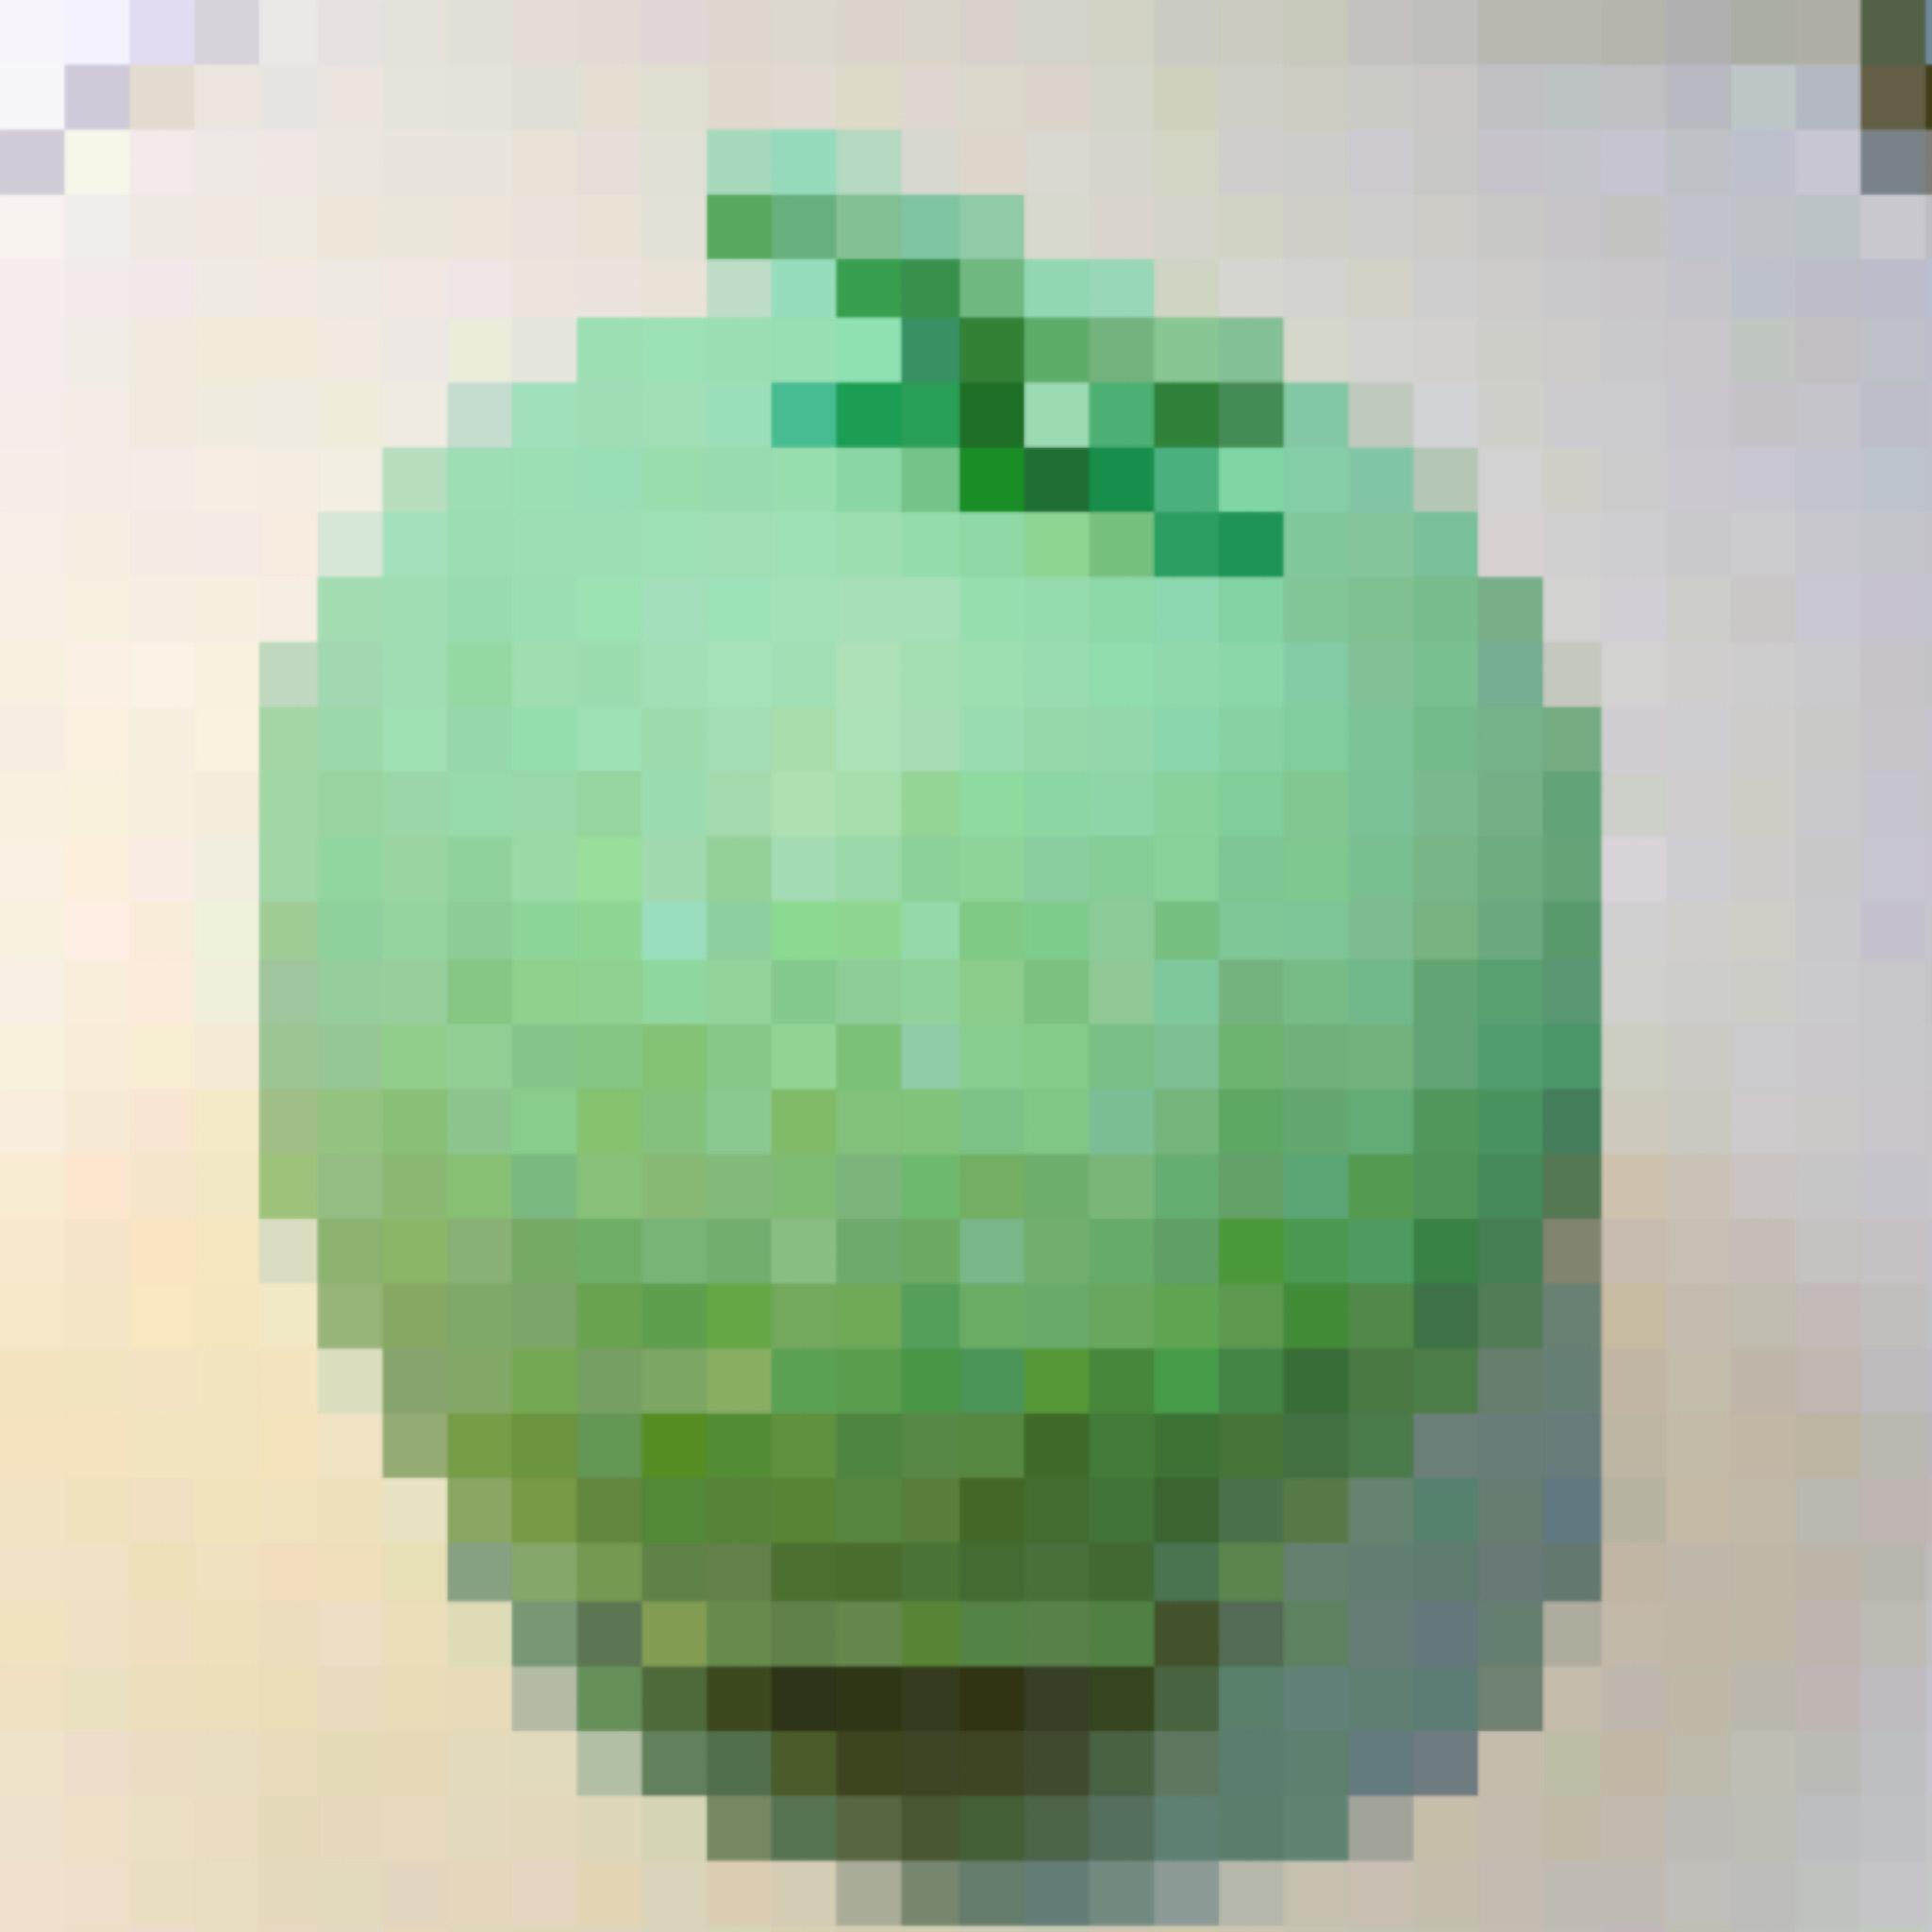 b0122893_21374756.jpg